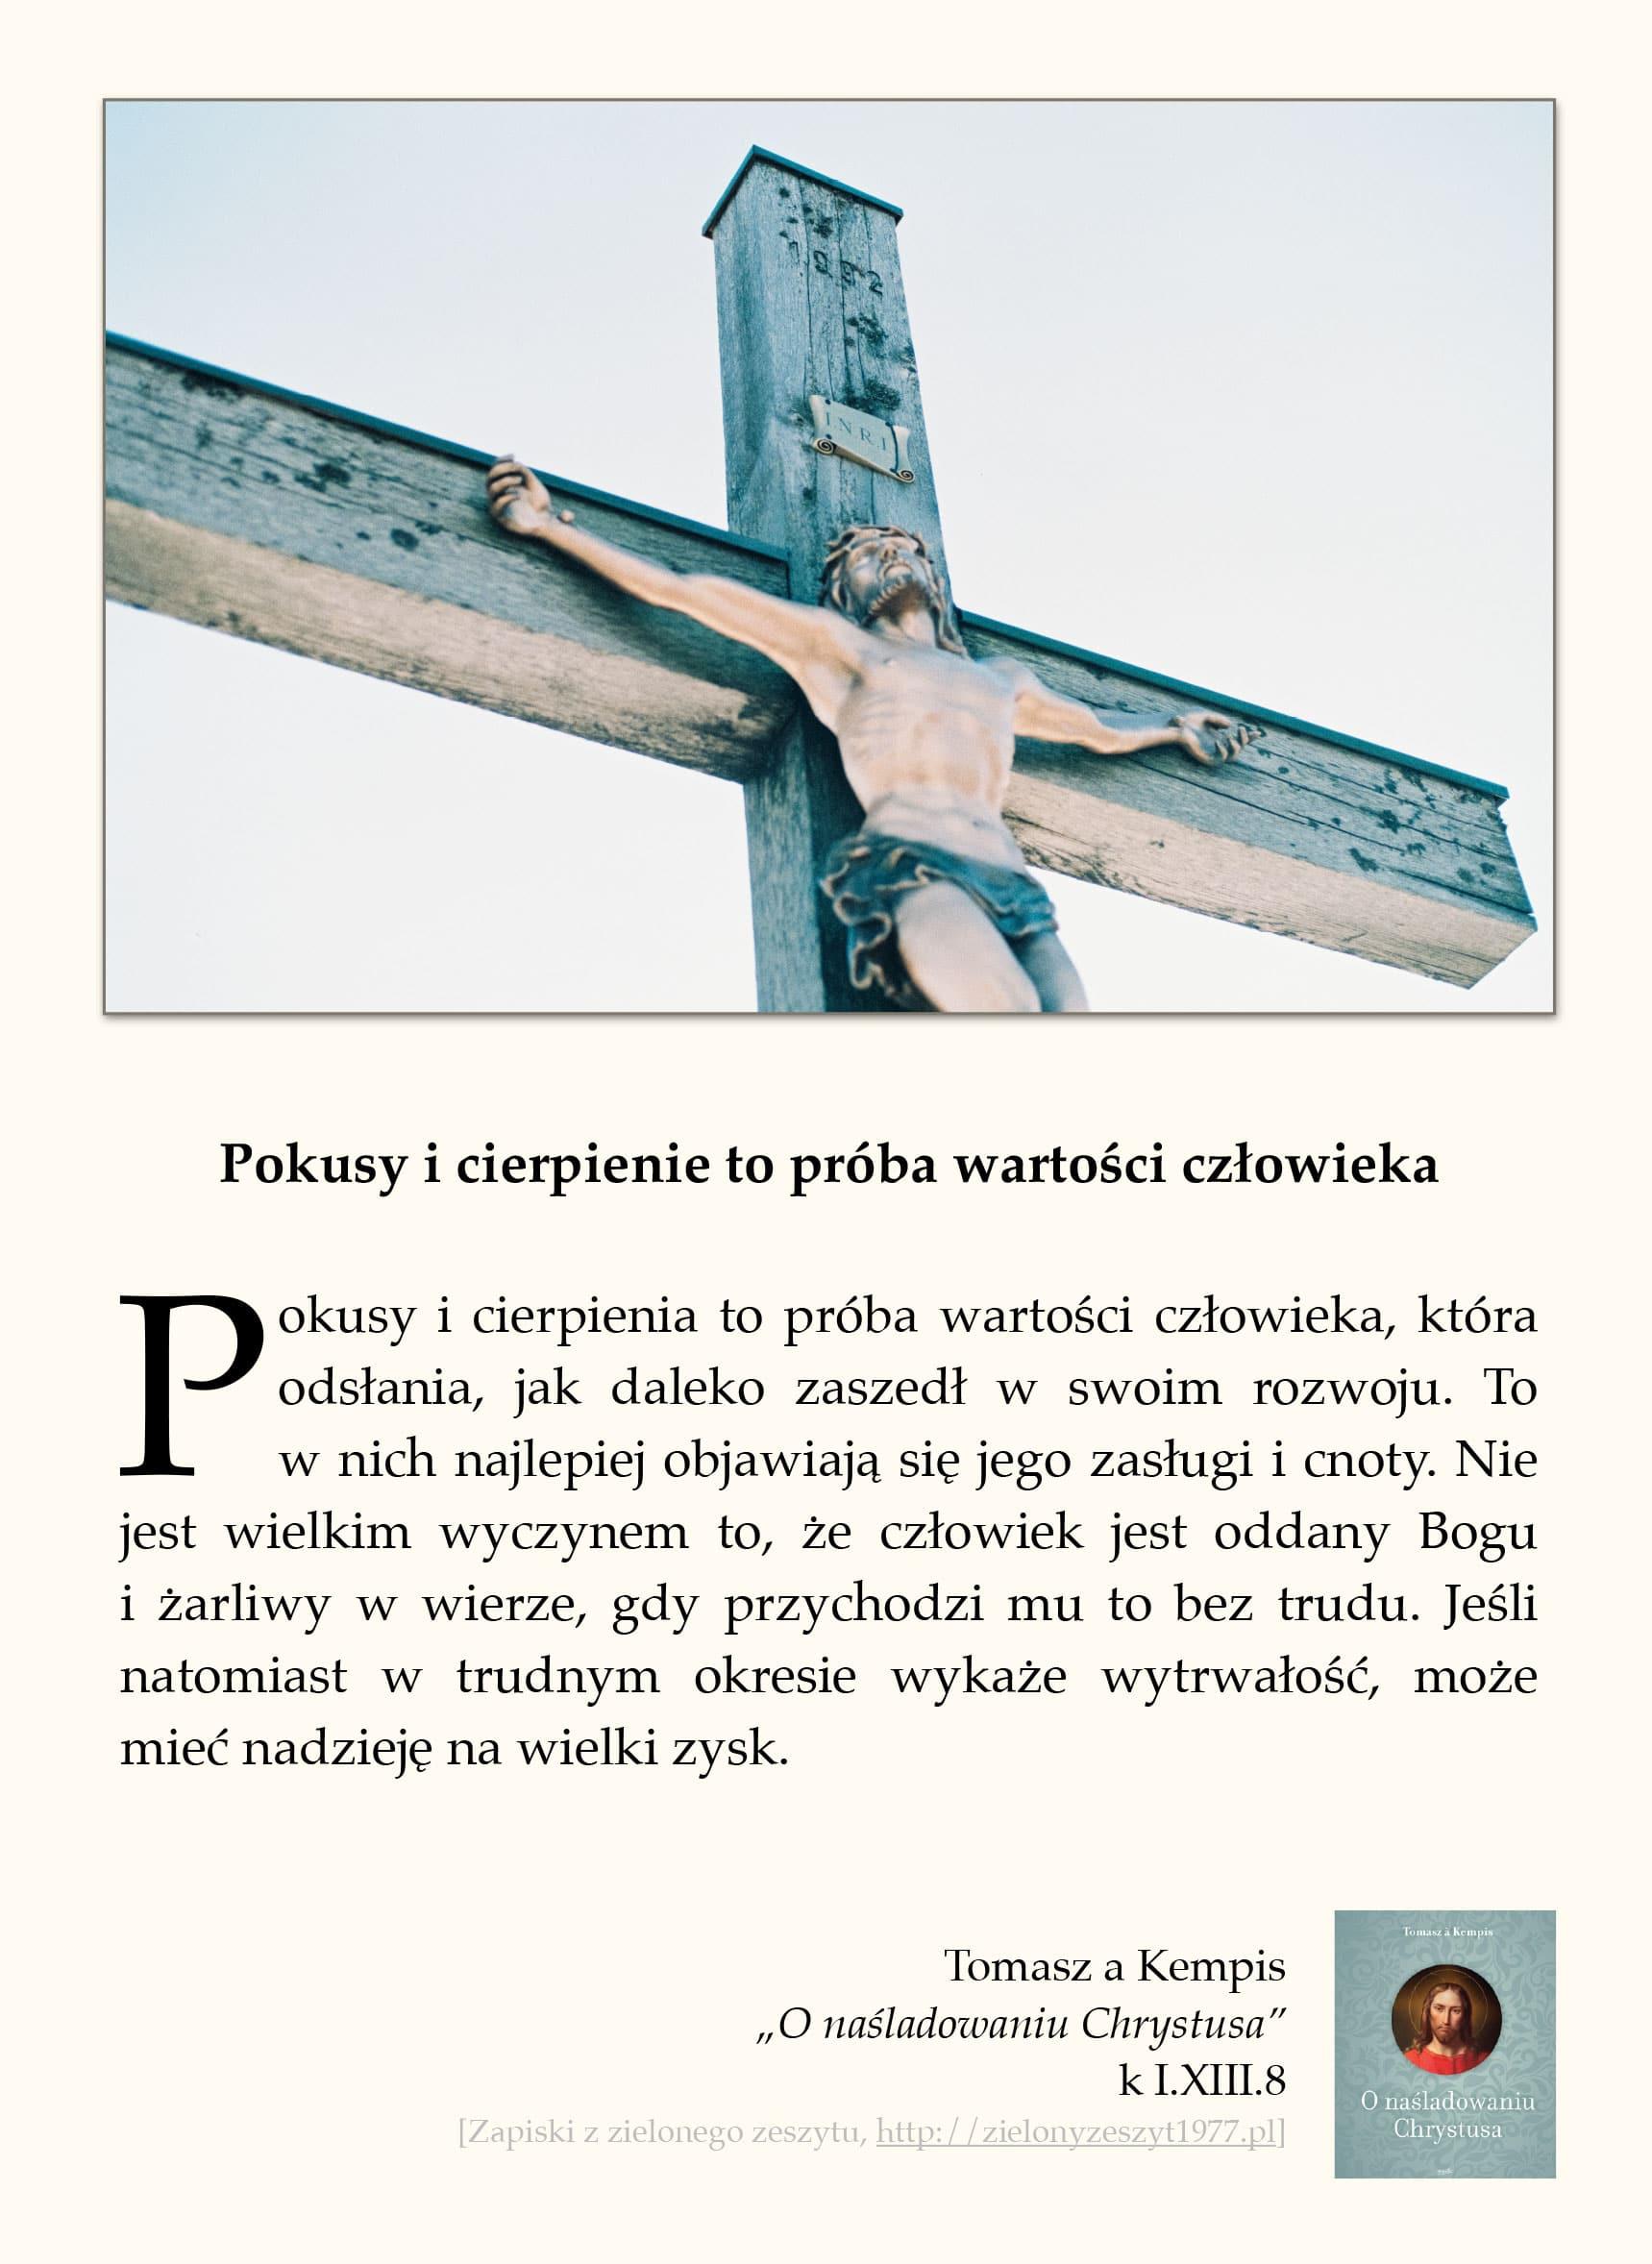 """Tomasz a Kempis, """"O naśladowaniu Chrystusa"""", k I.XIII.8 (Pokusy i cierpienie to próba wartości człowieka)"""